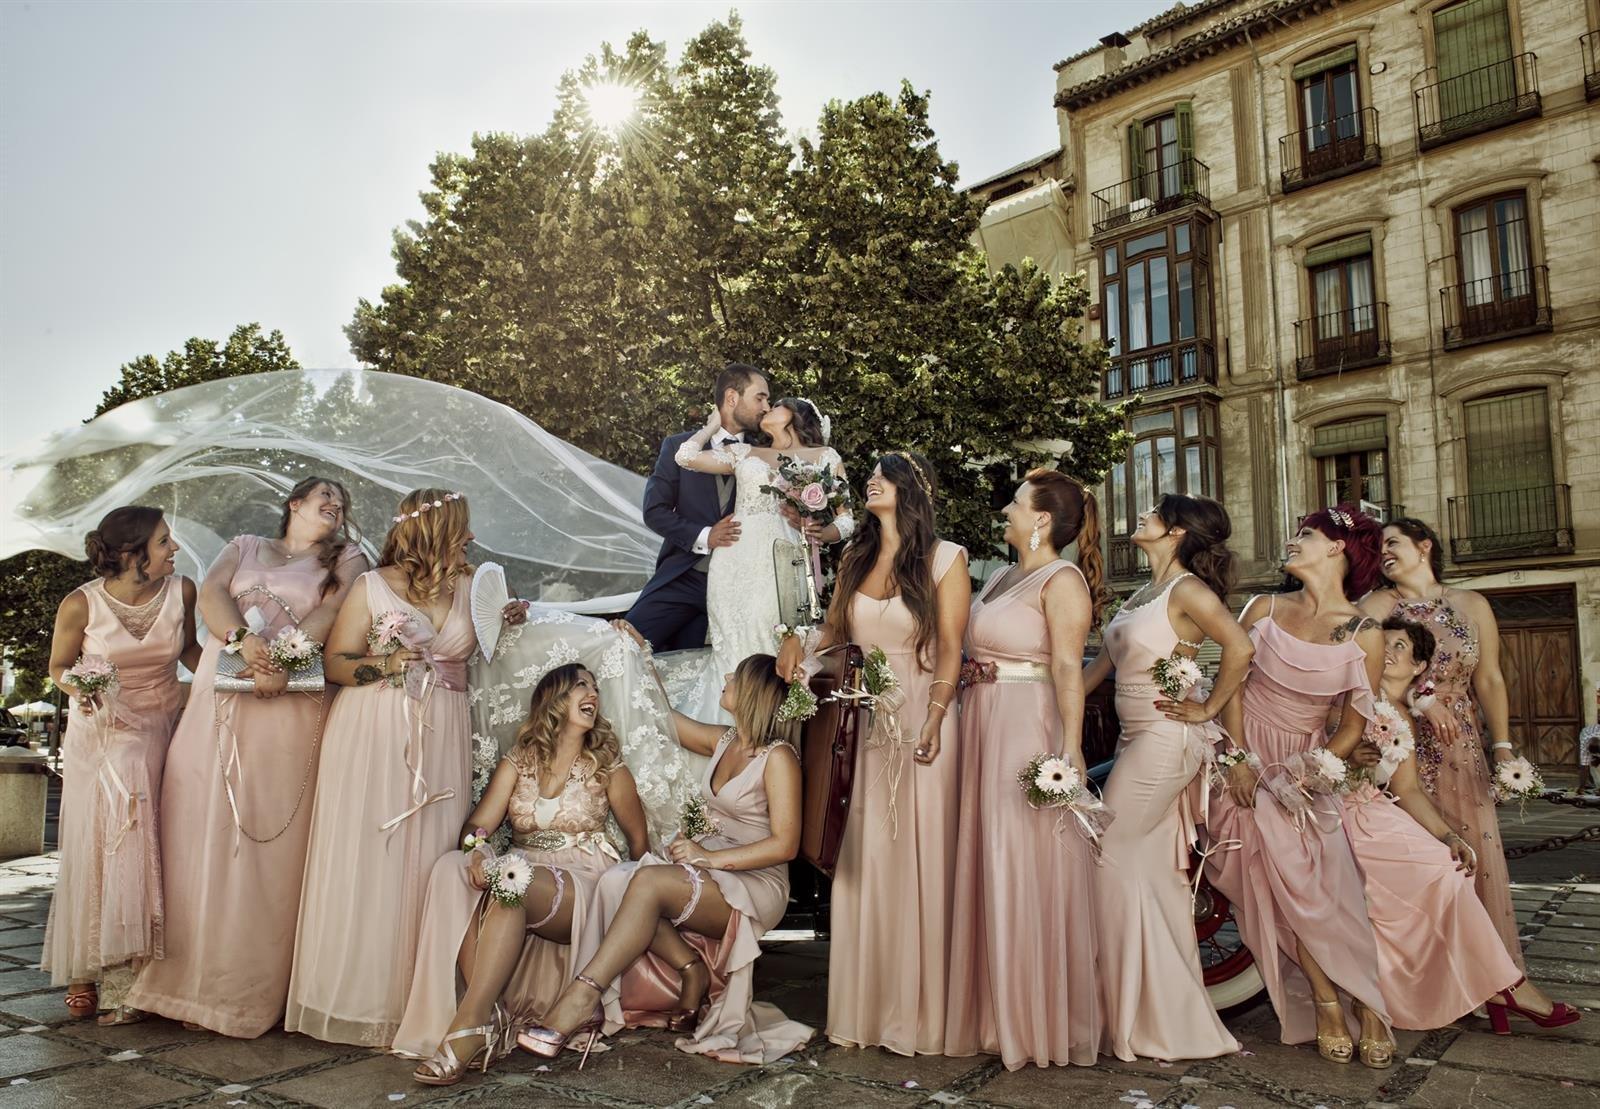 Un fotógrafo granadino aspira a proclamarse como el mejor de Europa en retratos de bodas